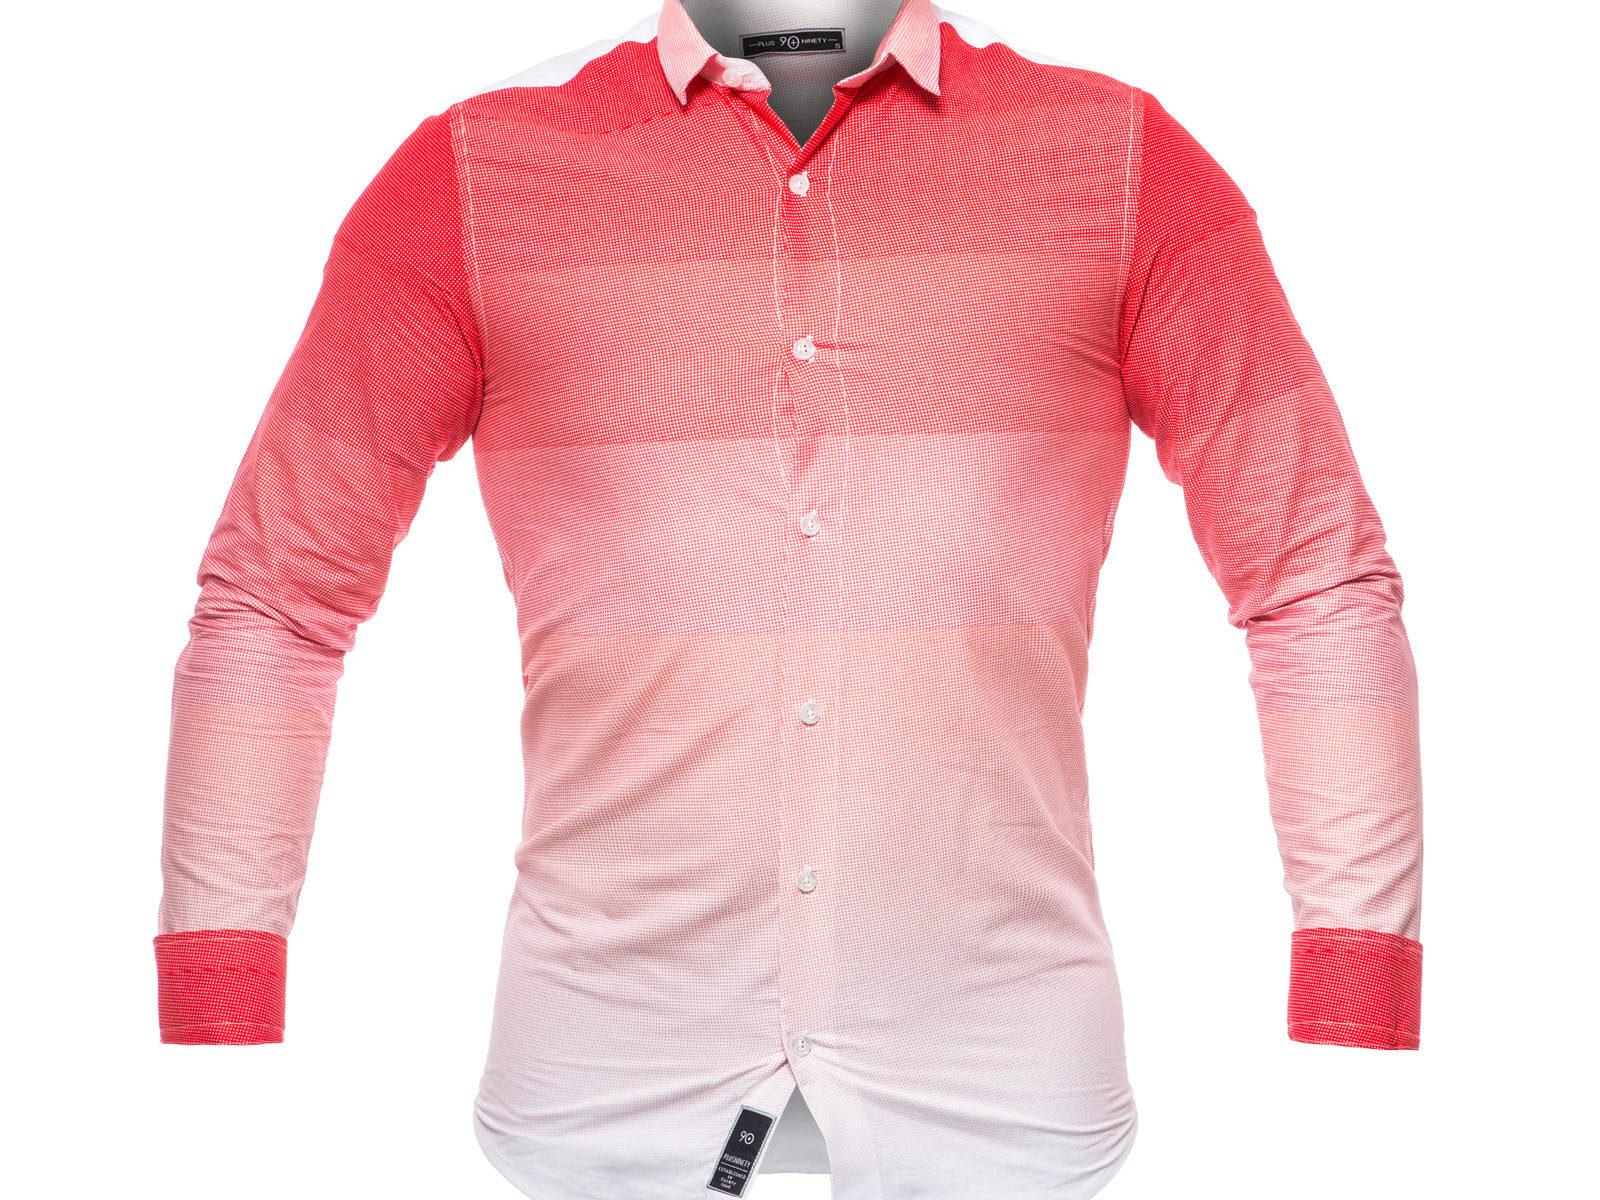 Невидим манекен облекла риза заснемане